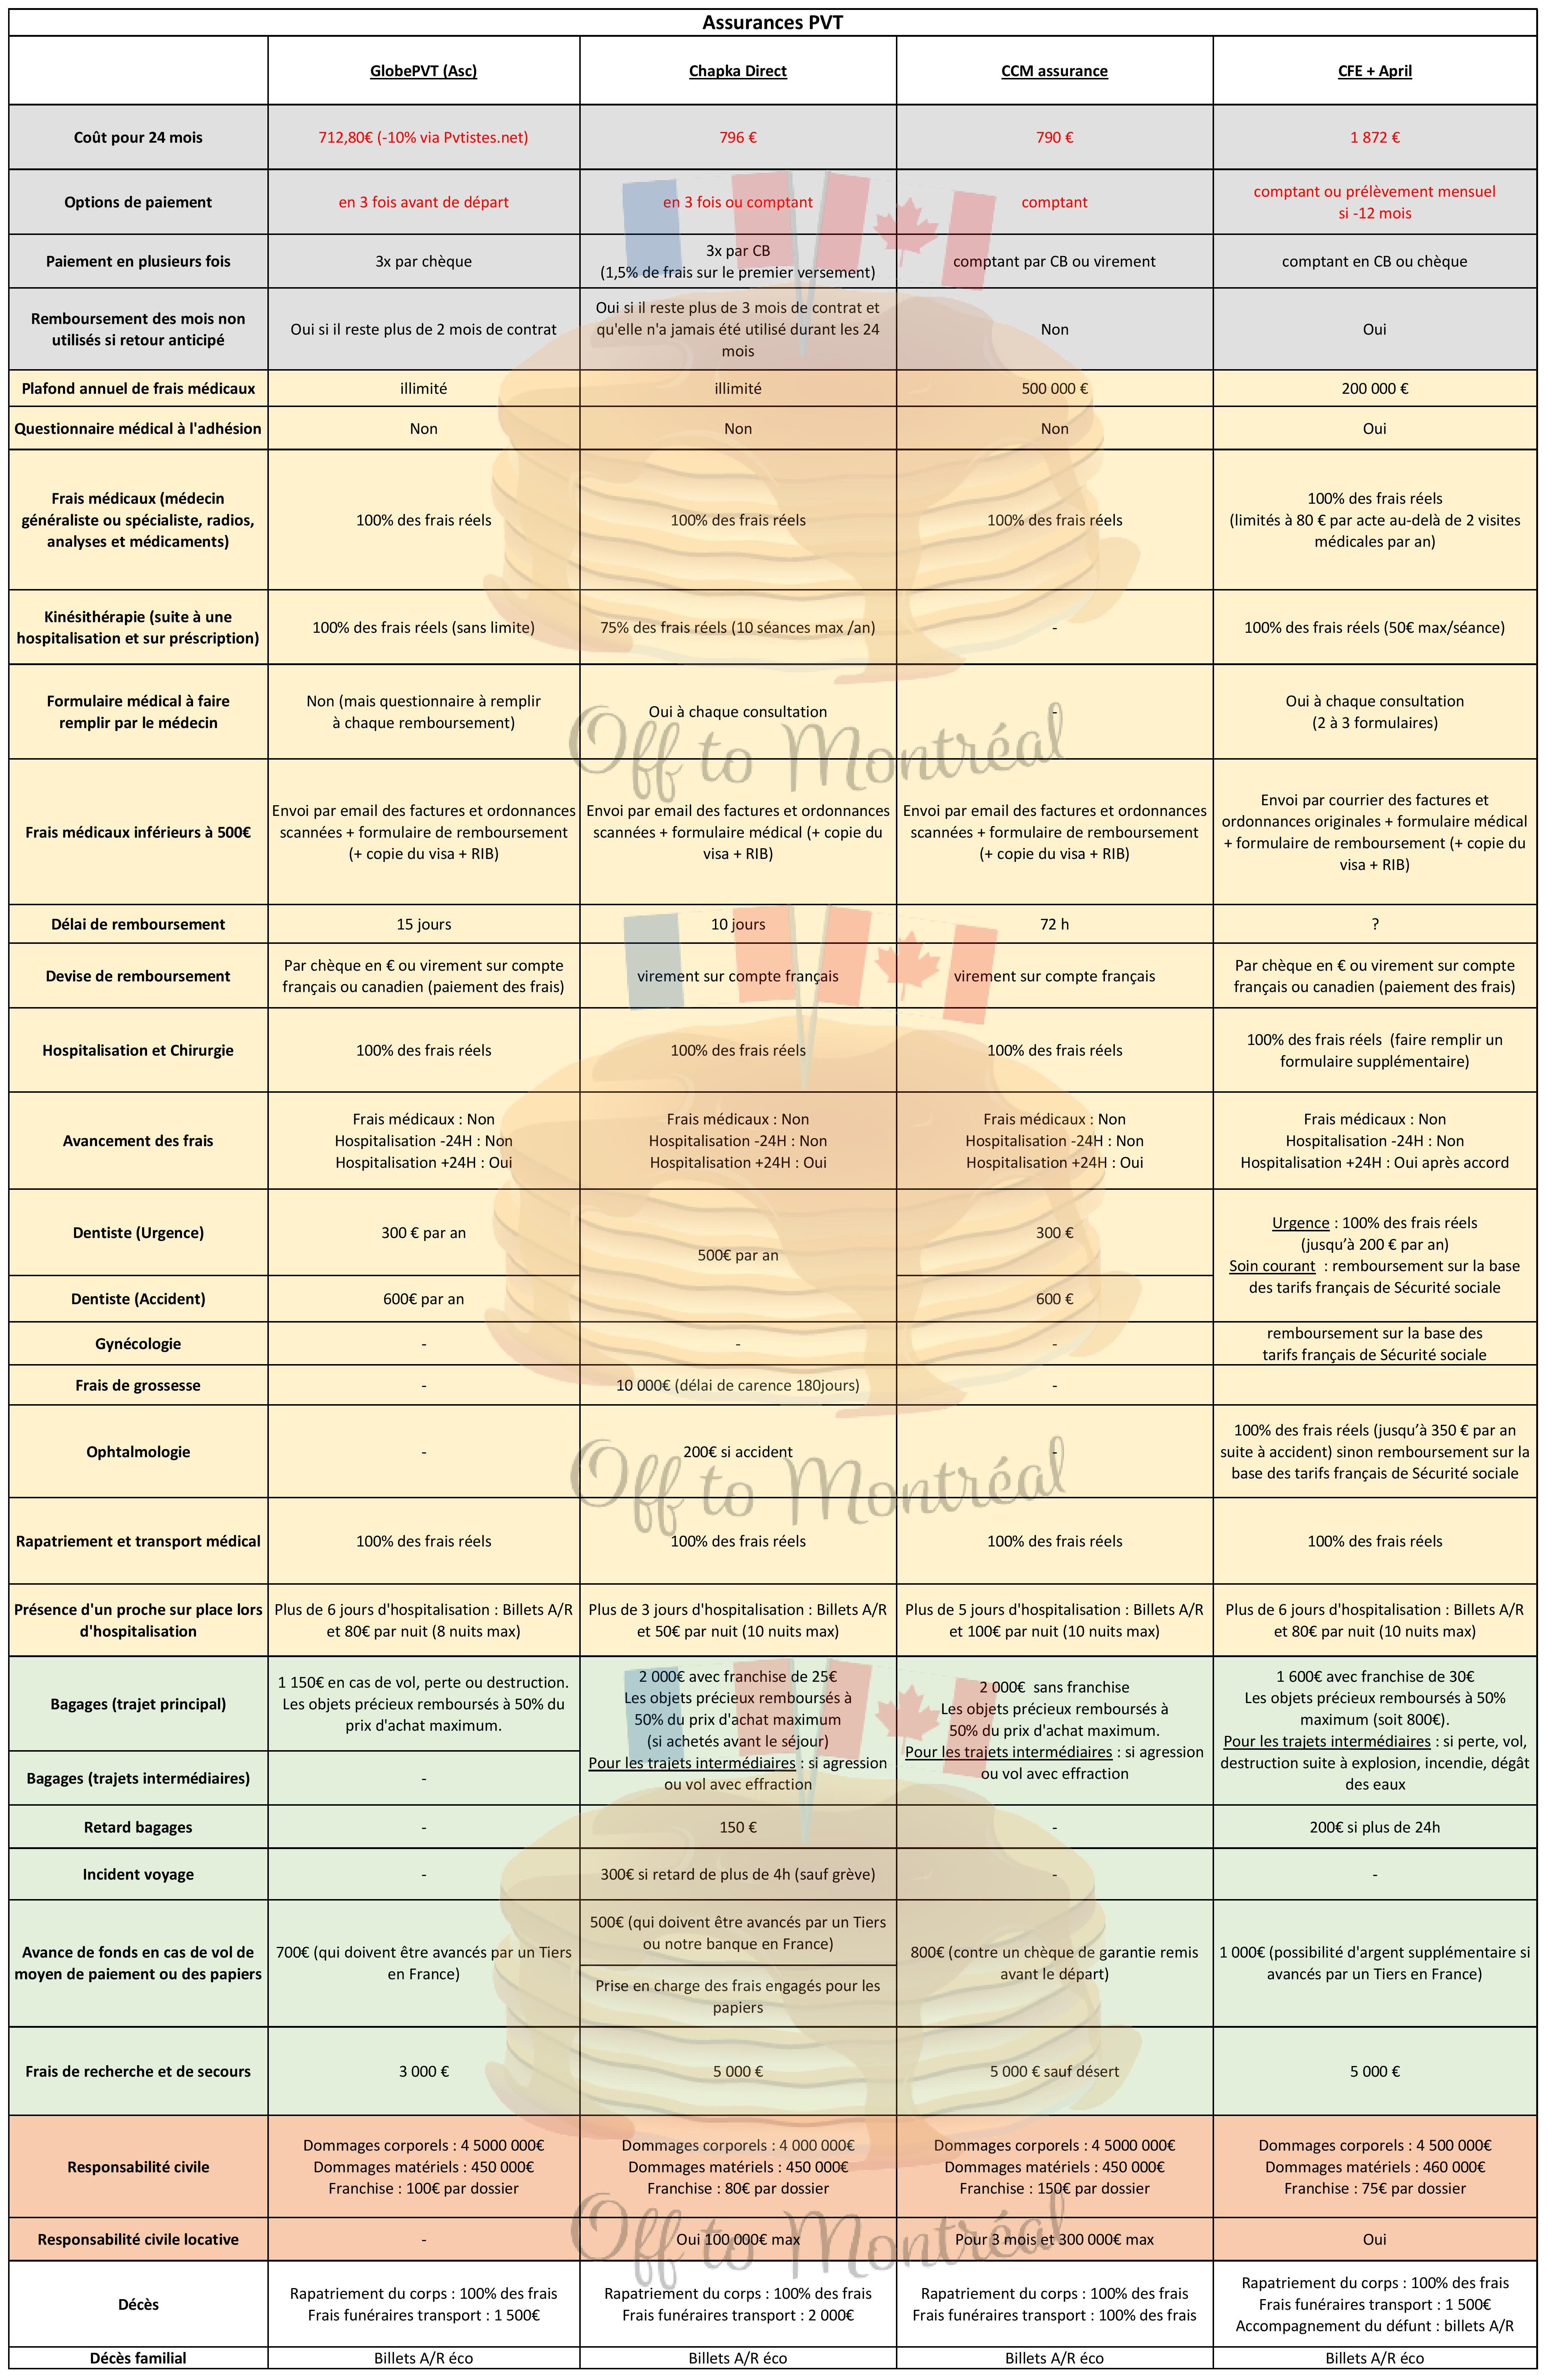 tableau comparatif assurance médicale PVT